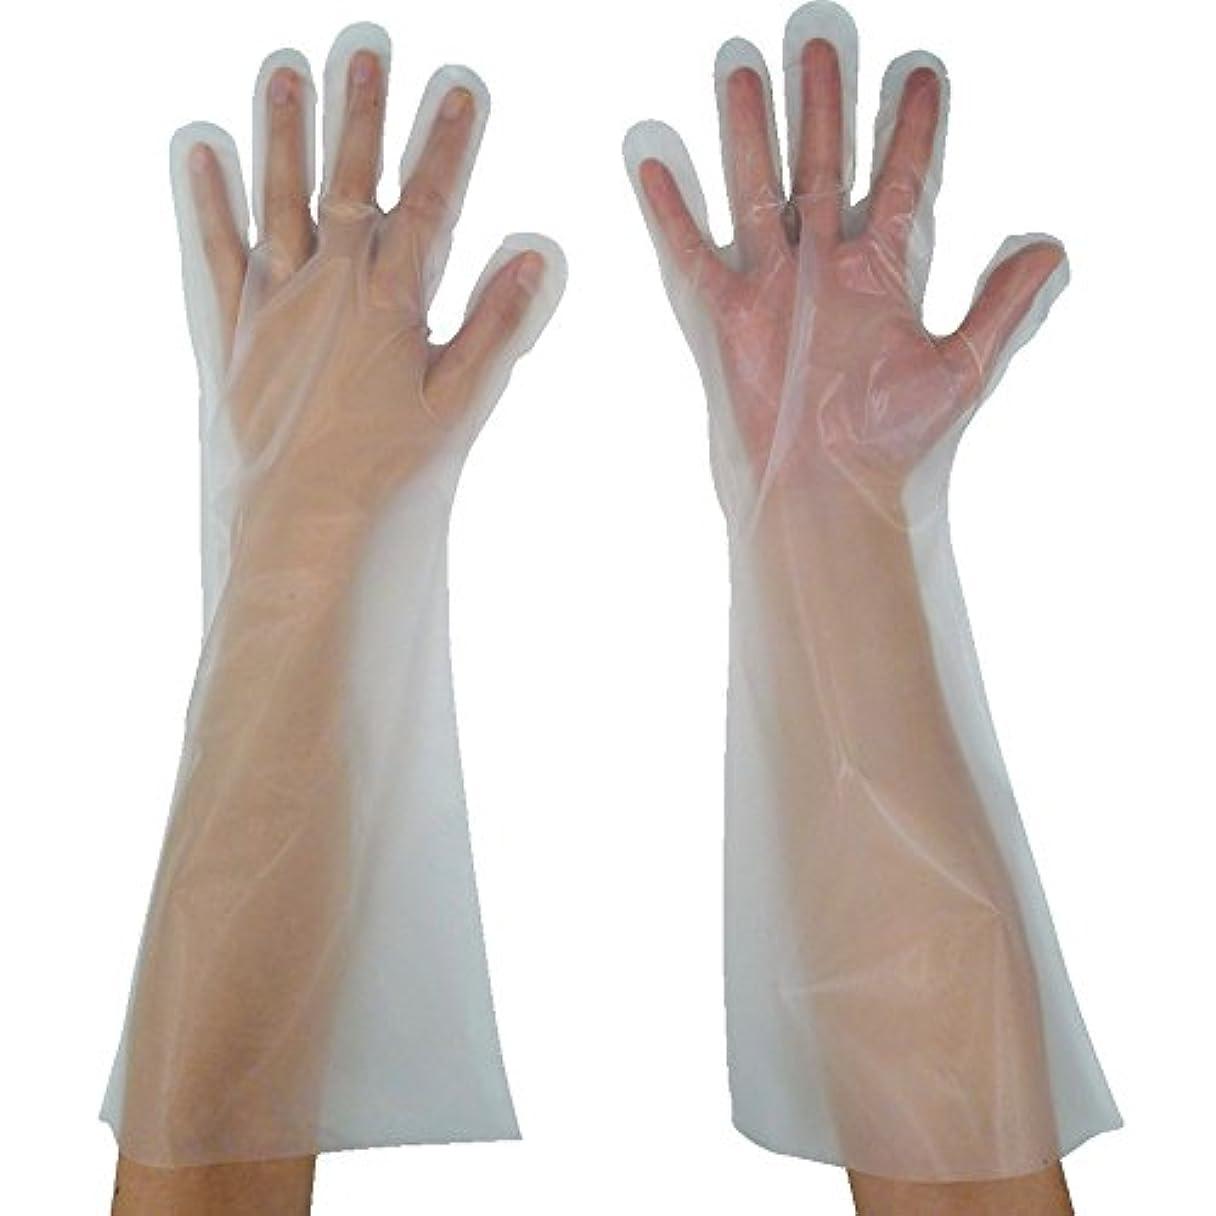 注ぎますドライブ施設東京パック 緊急災害対策用手袋ロング五本絞りL 半透明 KL-L ポリエチレン使い捨て手袋